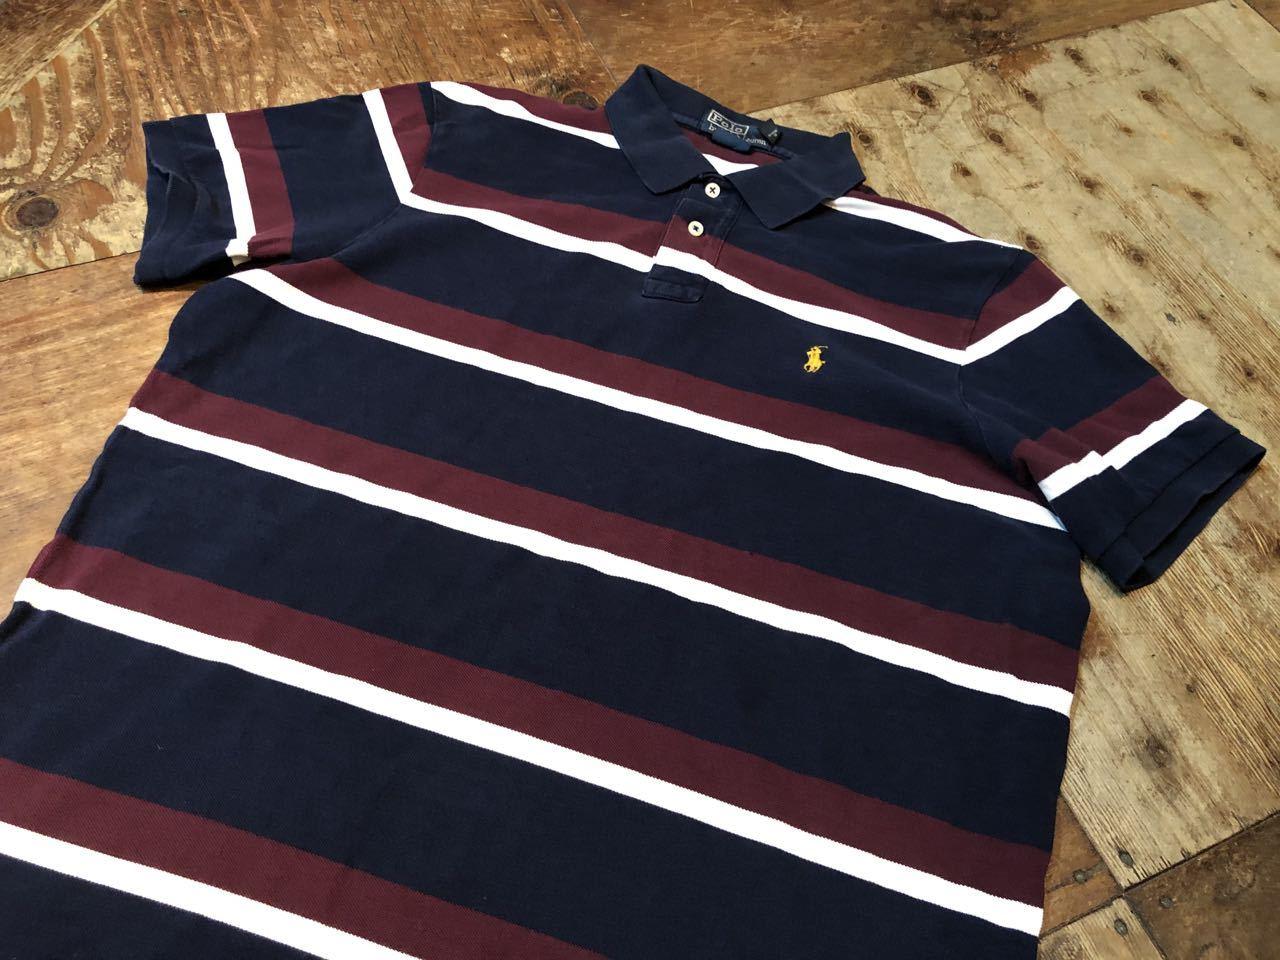 6/11入荷! 90s〜ラルフローレン 鹿の子 ポロシャツ色々 入荷!_c0144020_13120920.jpg